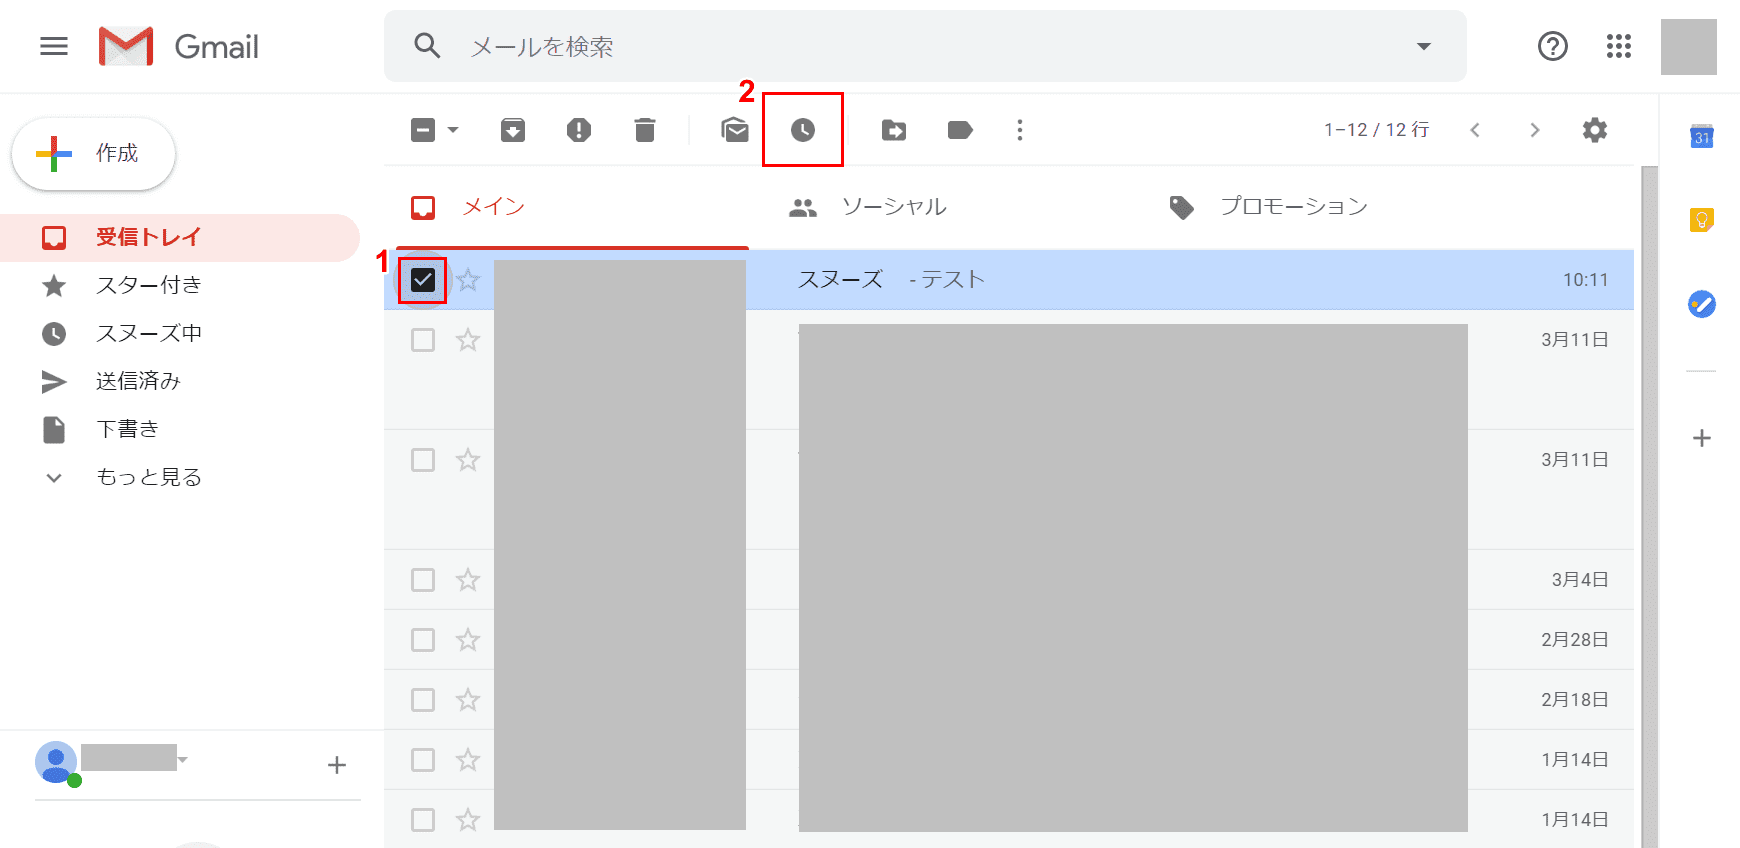 スヌーズ設定